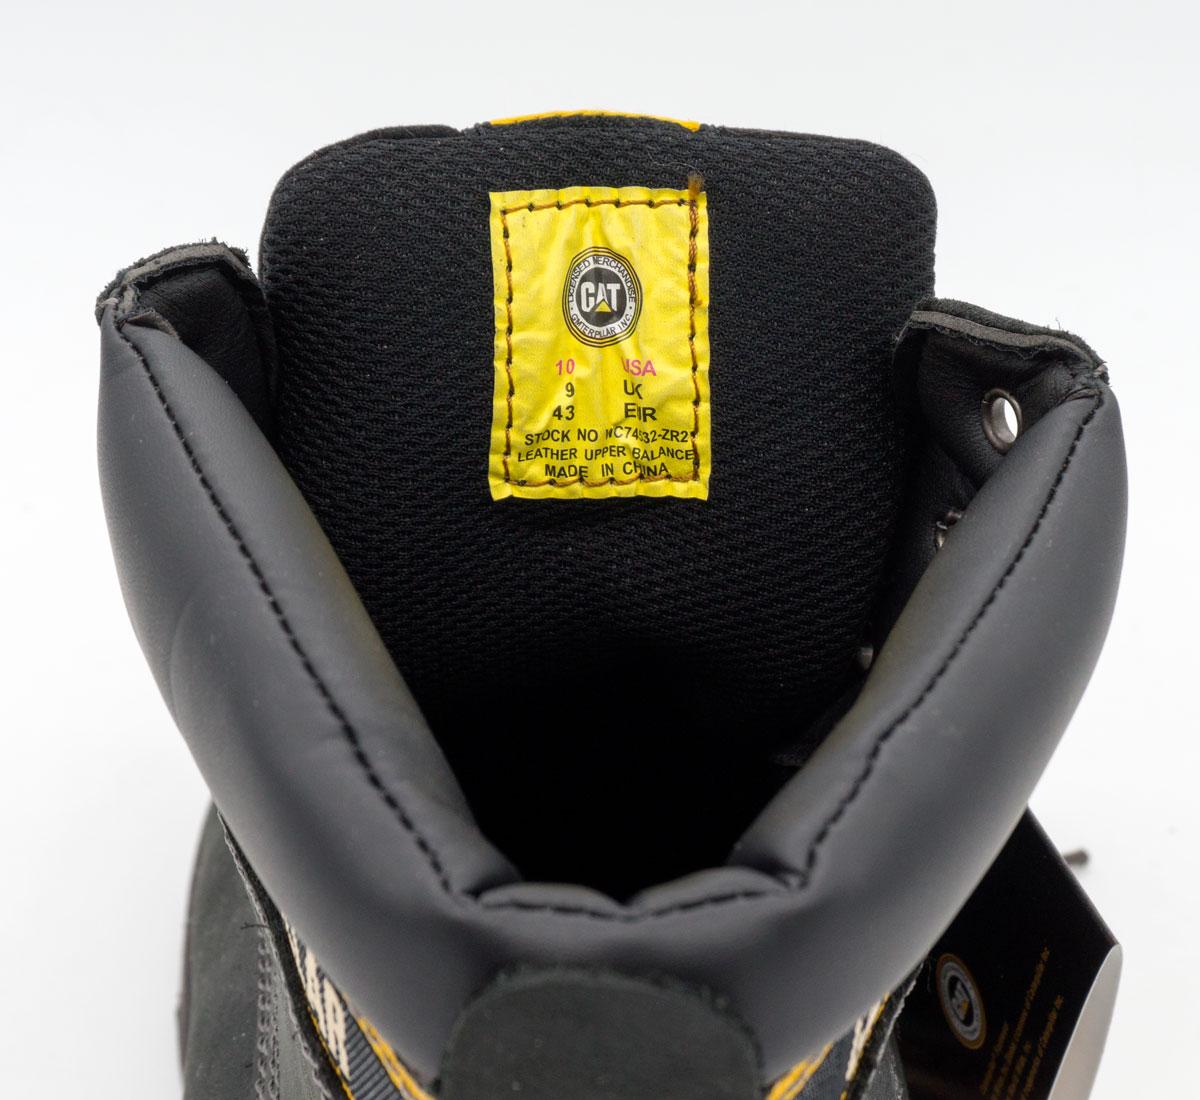 большое фото №5 Черные ботинки CAT (Катерпиллер)